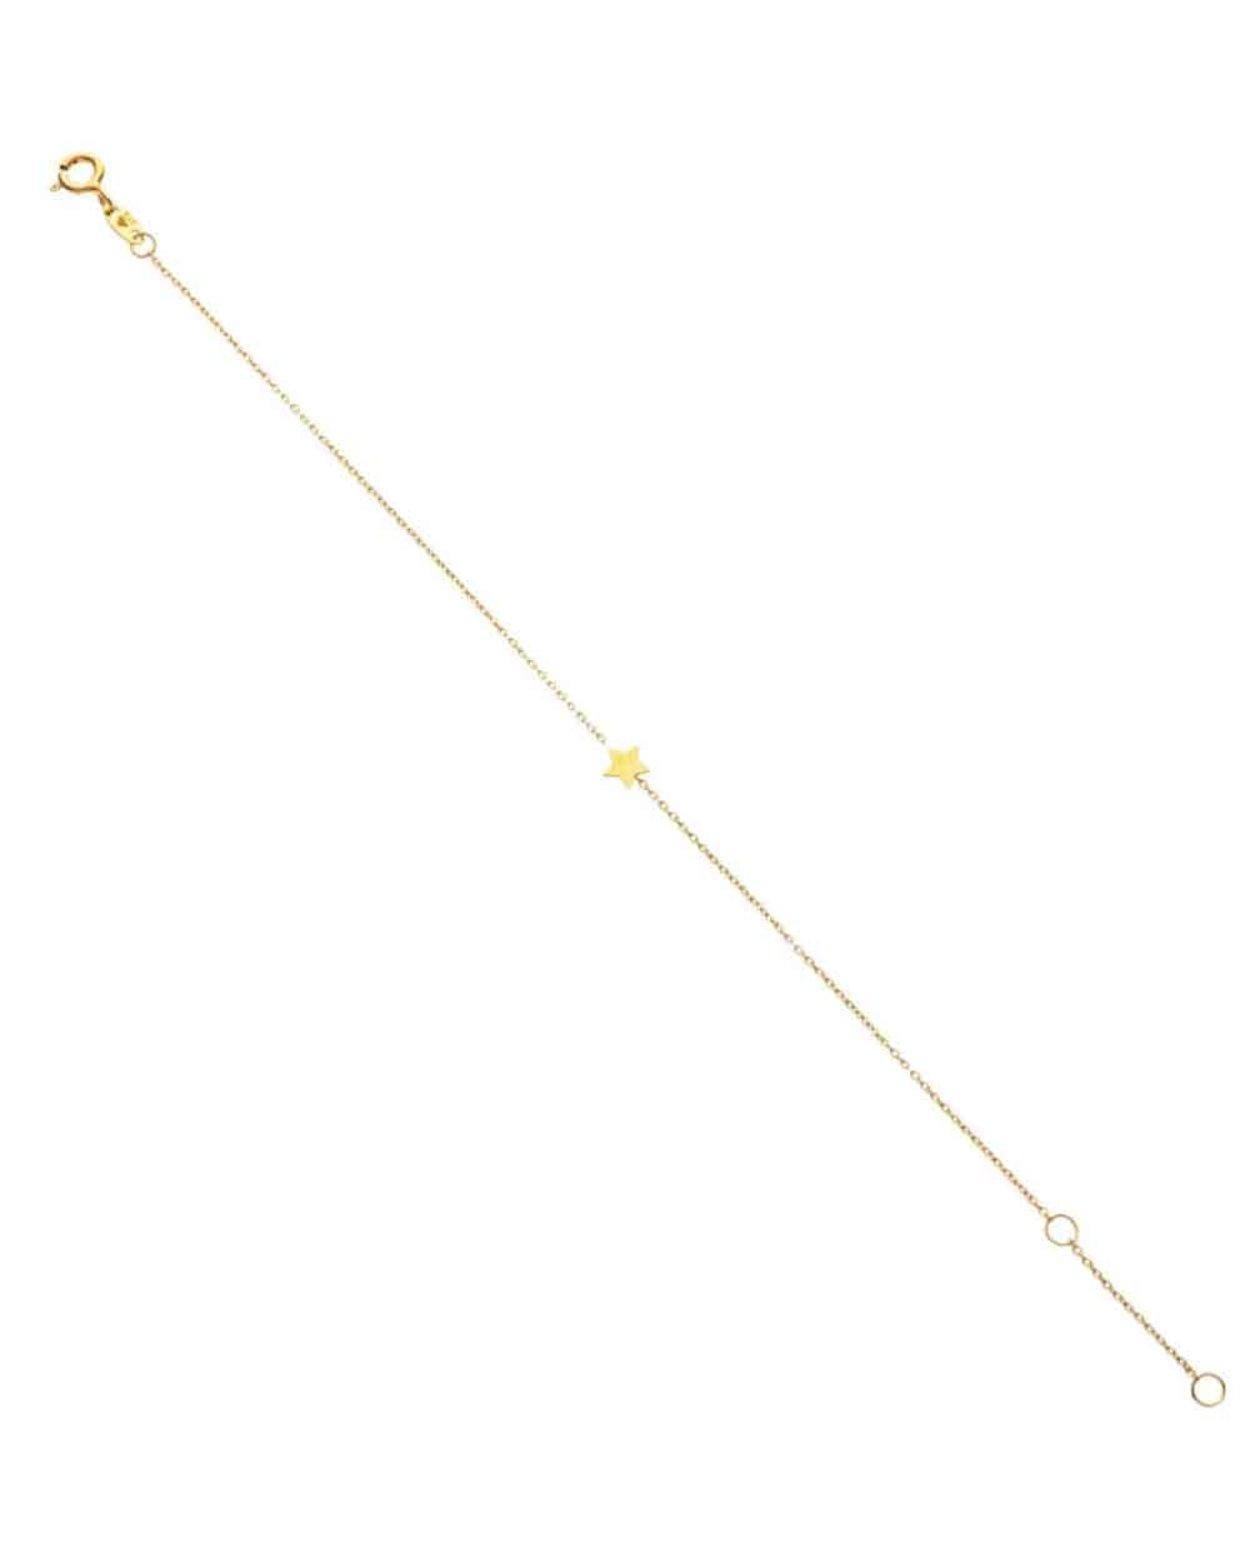 9kt Gold Floating Star Bracelet